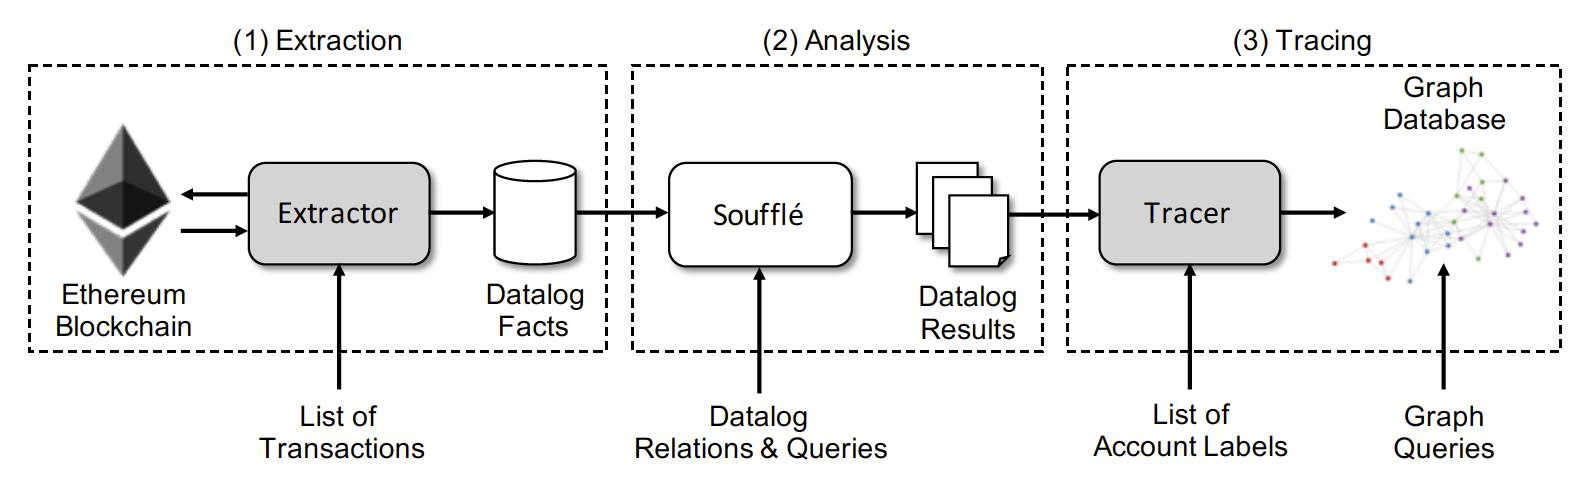 그림 1. Horus Architecture (Extractor와 Tracer는 커스텀하게 구성할 수 있고, 분석 단계에서는 정적 분석을 위한 Datalog 통합 툴인 Soufflé을 사용한다.)